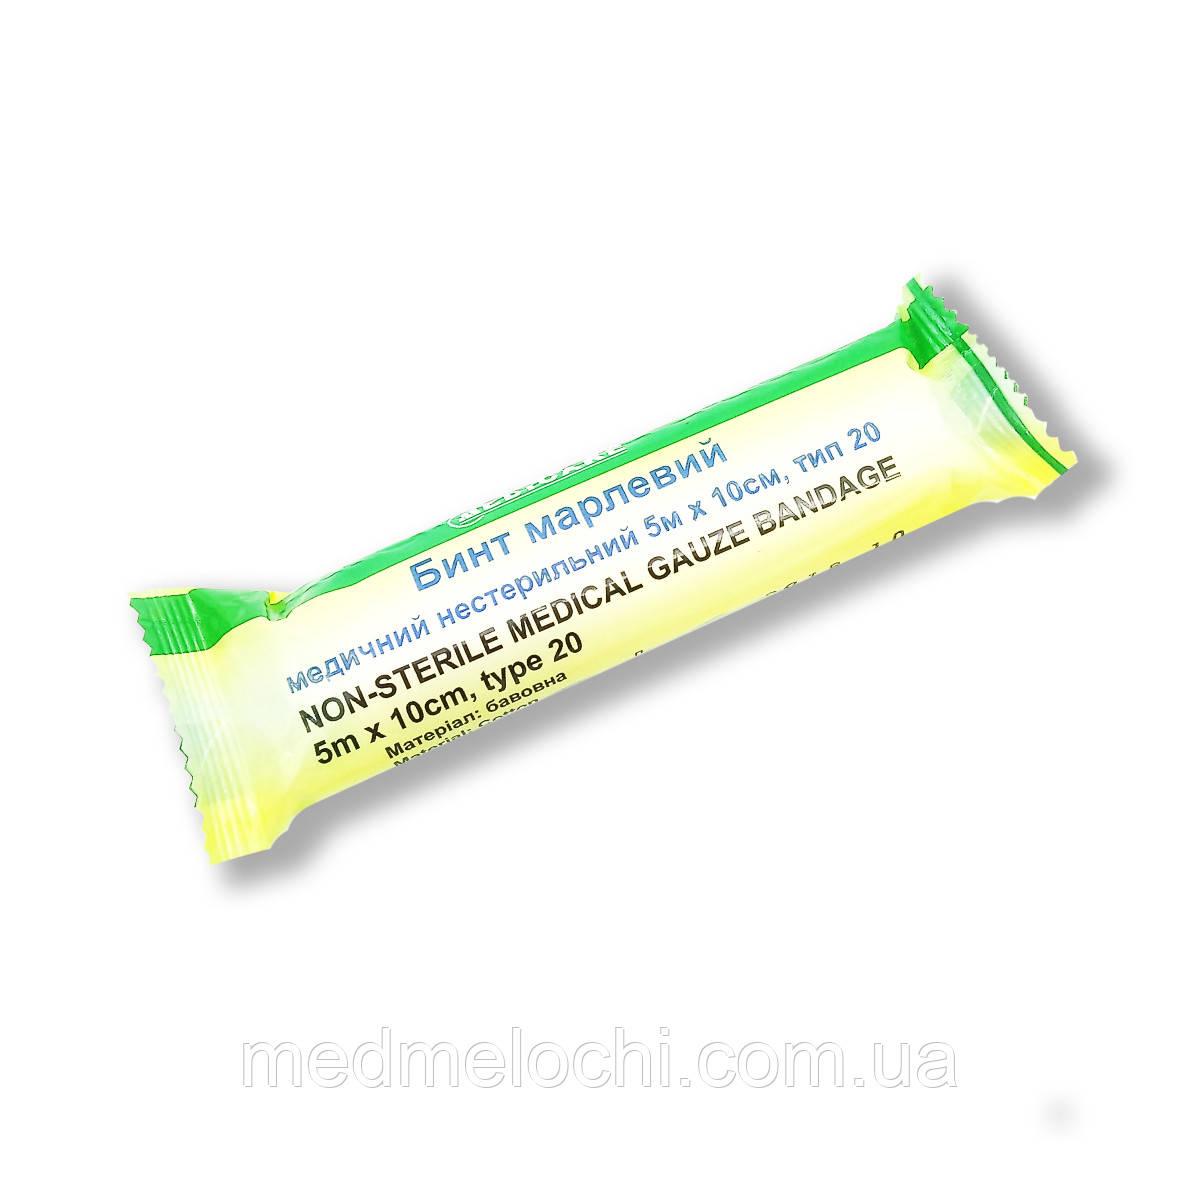 Бинт марлевий нестерильний 5м х 10см MEDICARE, тип 20